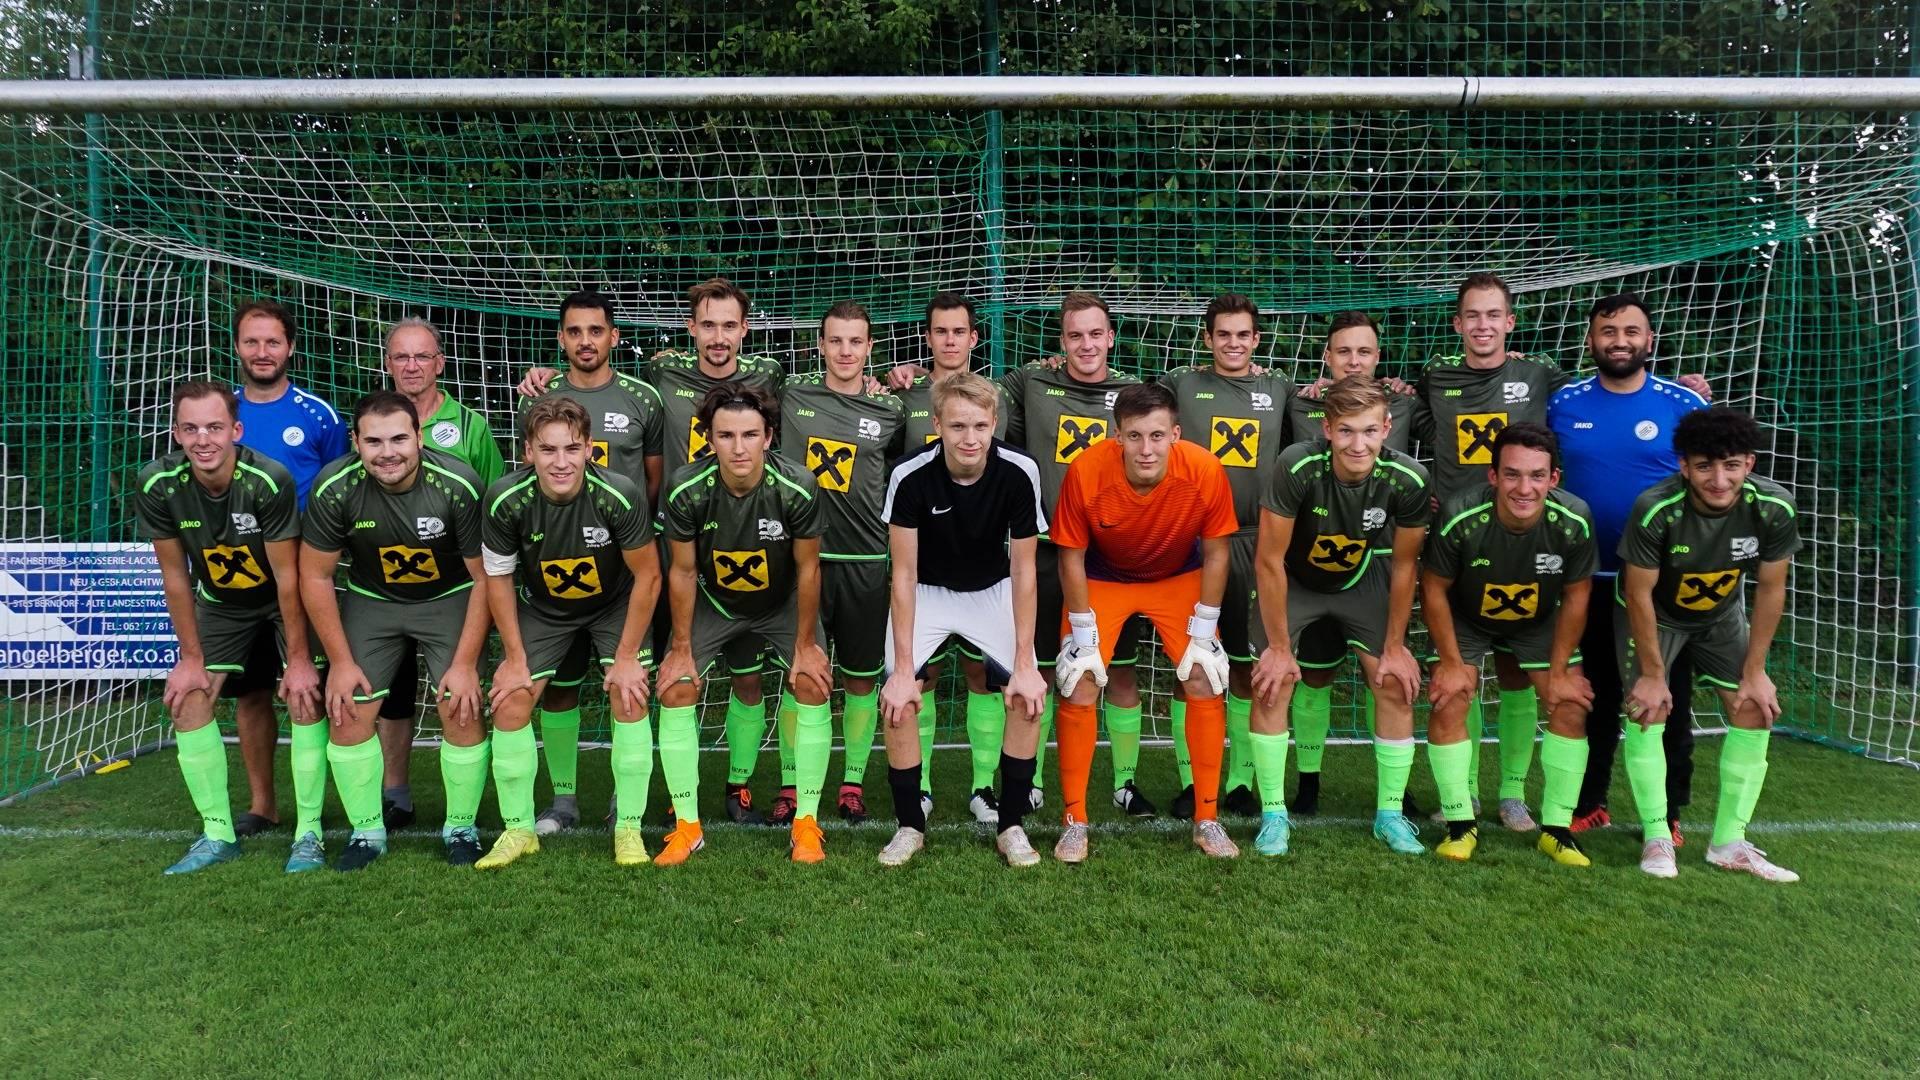 das aktuelle Teamfoto 21-22 der 1. Mannschaft